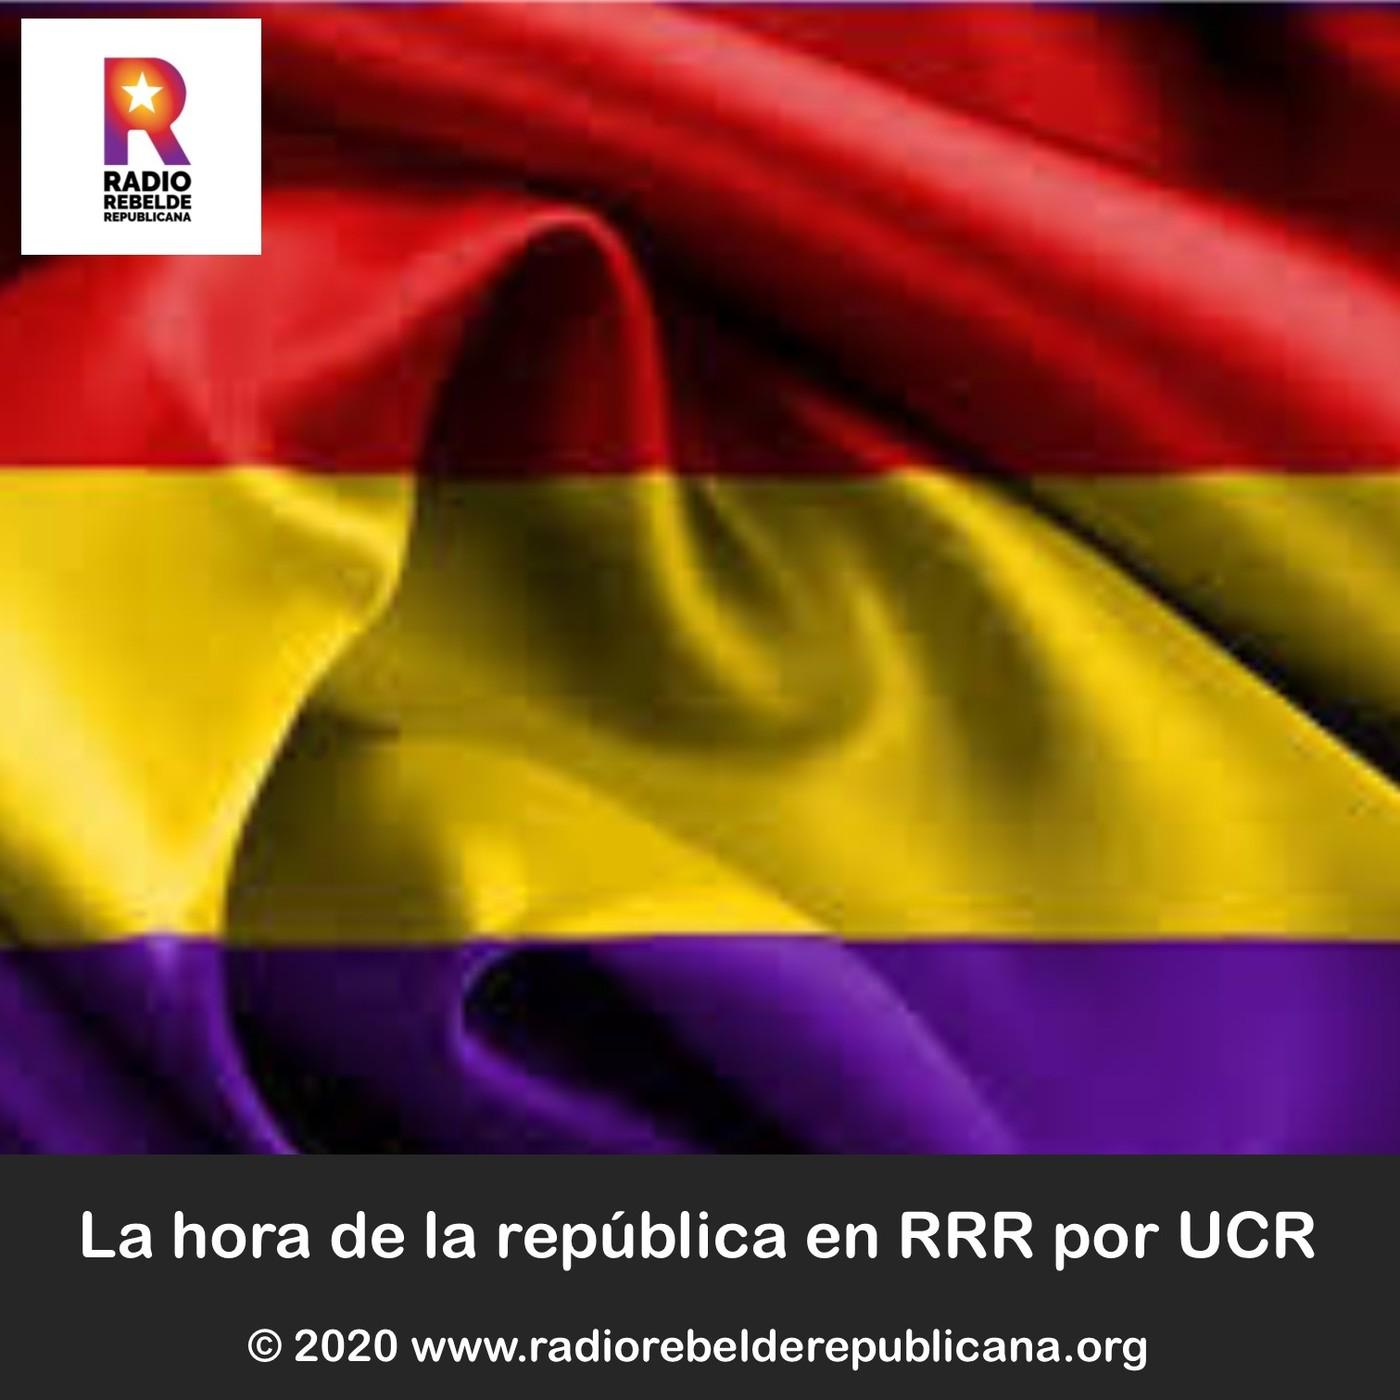 La hora de la República por UCR en RRR 13.10.2020